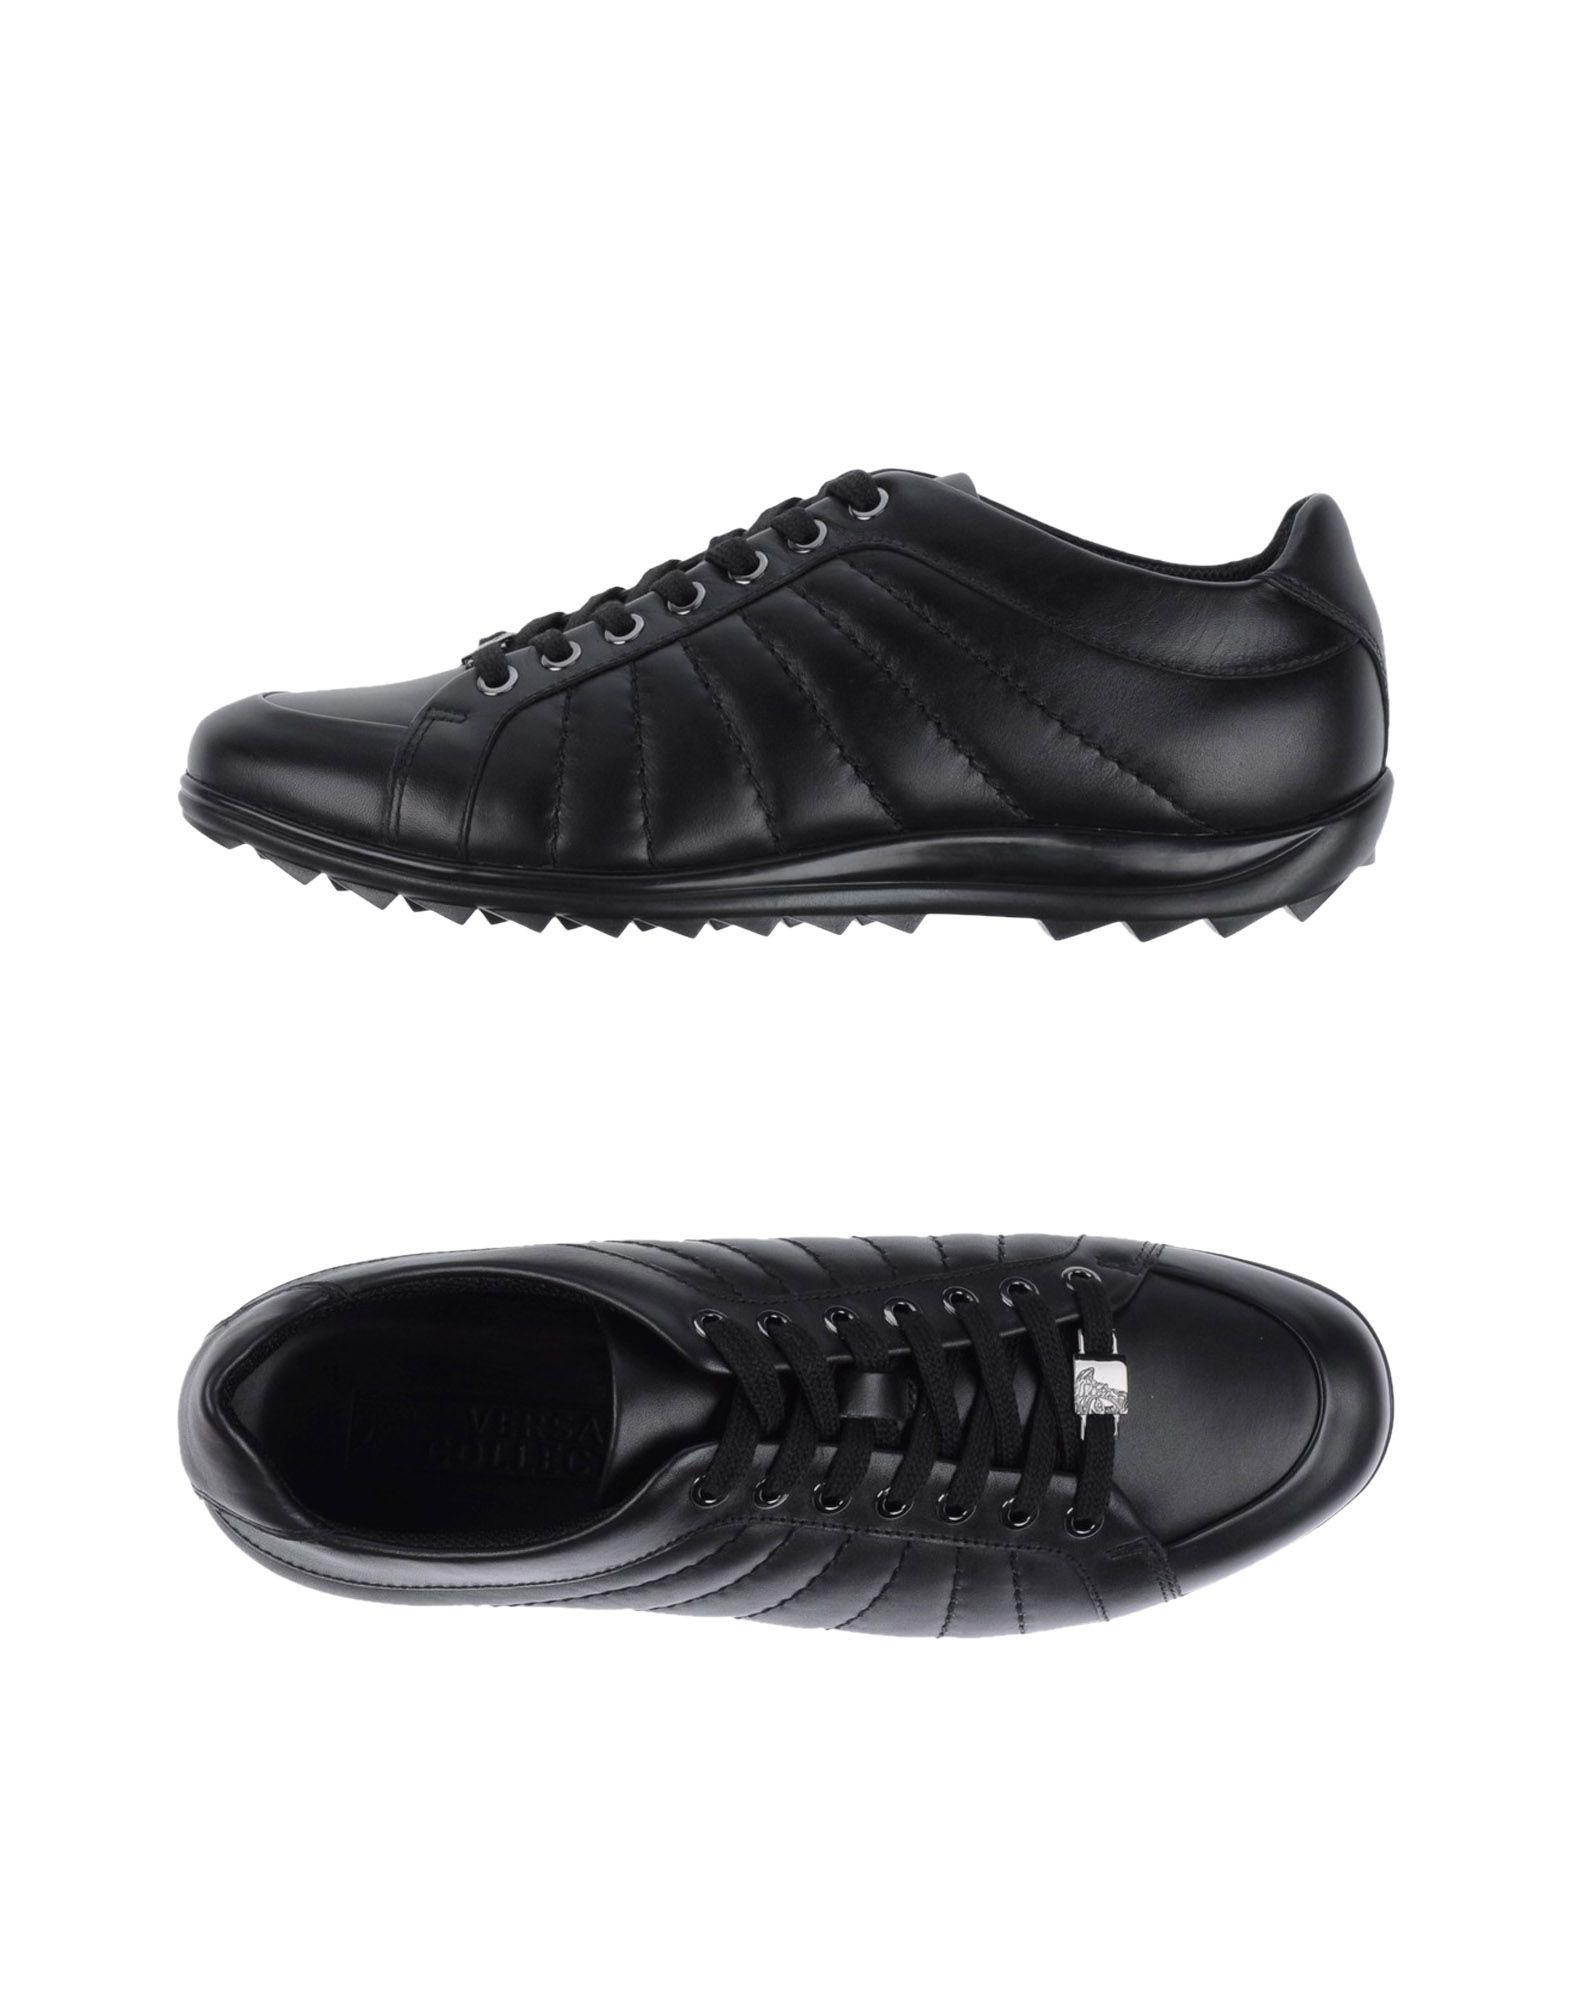 Versace Collection Sneakers Herren  11156726XB Gute Qualität beliebte Schuhe